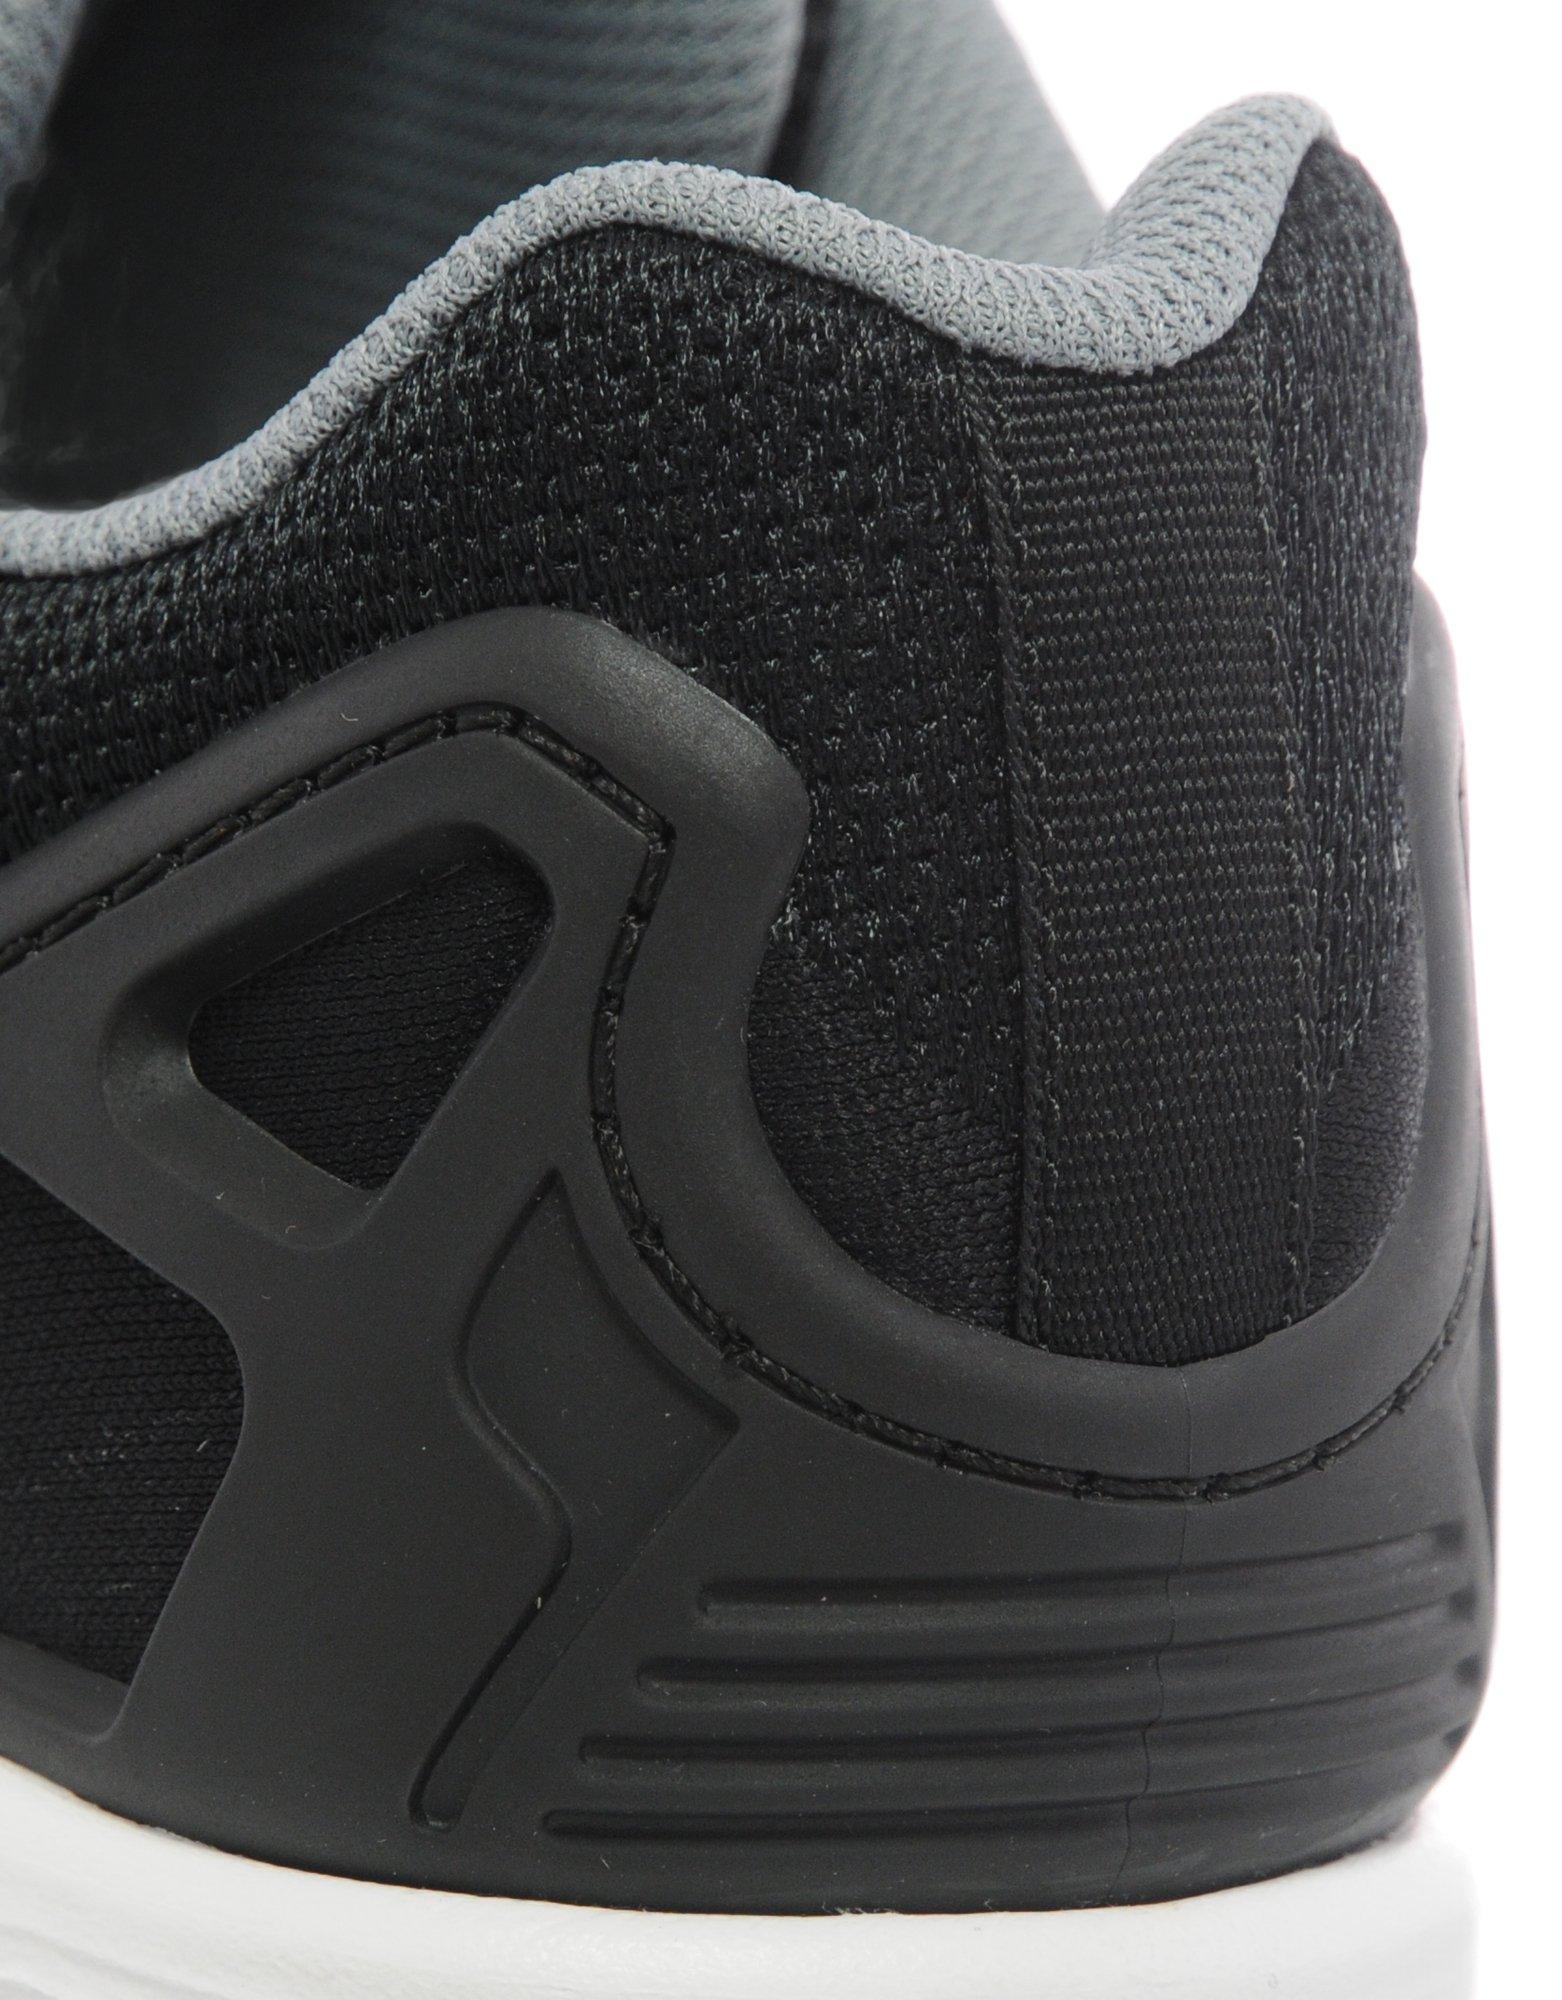 new style e94df 6b806 Adidas Zx Flux Jd Sports cardiffontheweb.co.uk